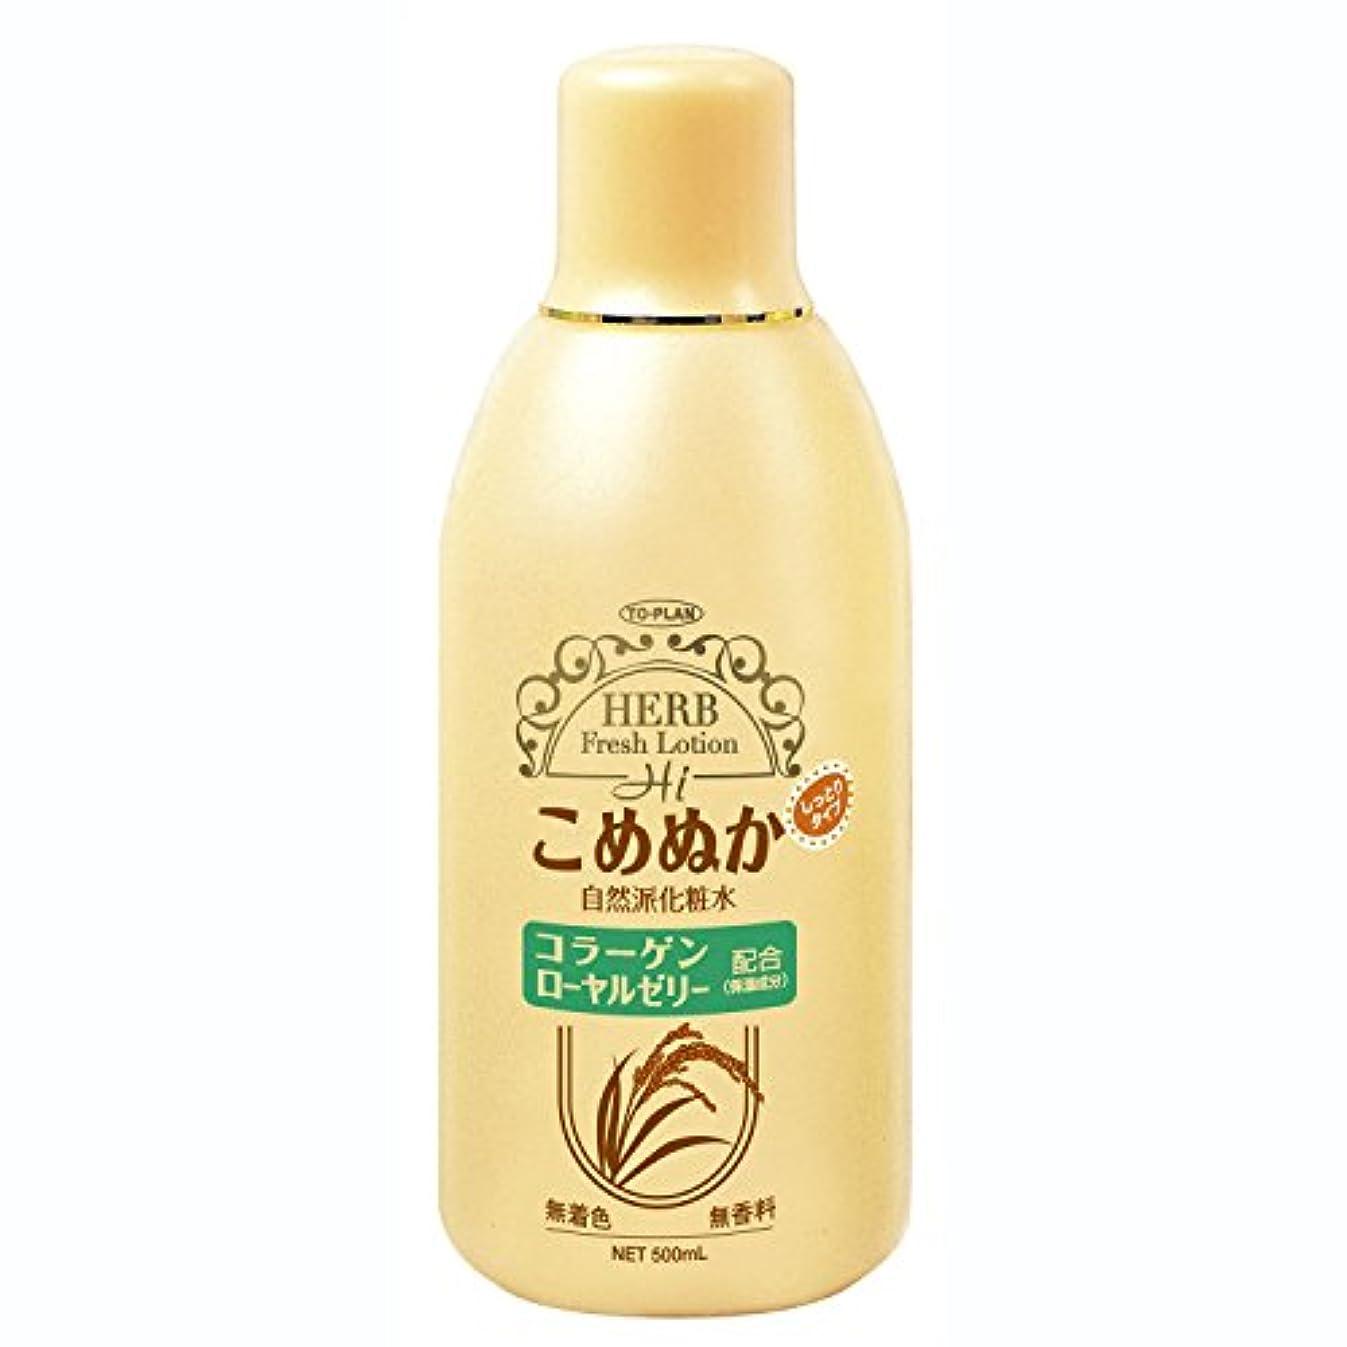 完璧な破滅一節トプラン 米ぬか化粧水 500ml